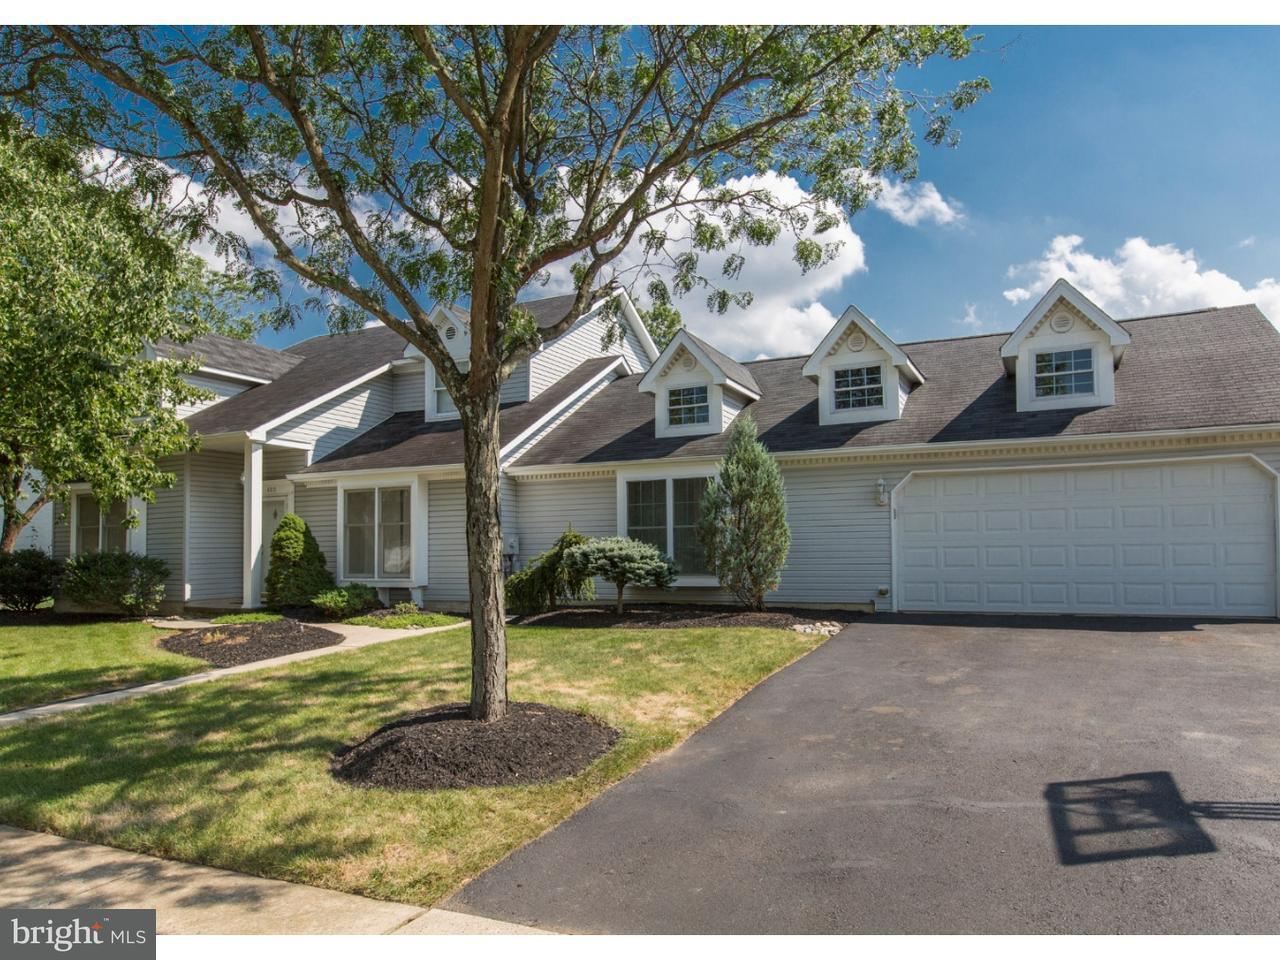 独户住宅 为 销售 在 400 STANFORD Road Fairless Hills, 宾夕法尼亚州 19030 美国